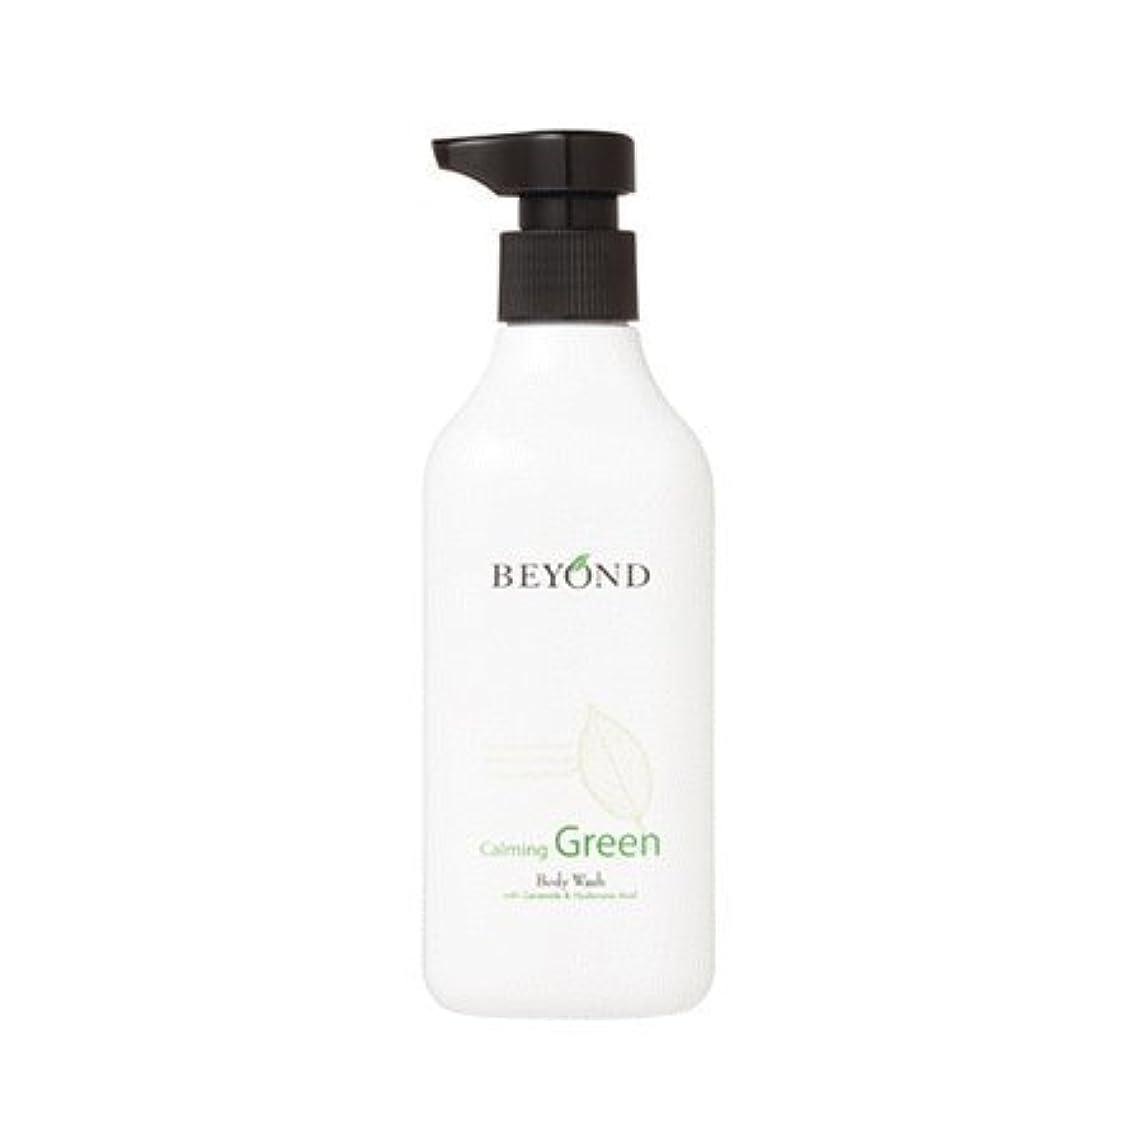 面トランスミッション歌詞Beyond calming green body wash 300ml